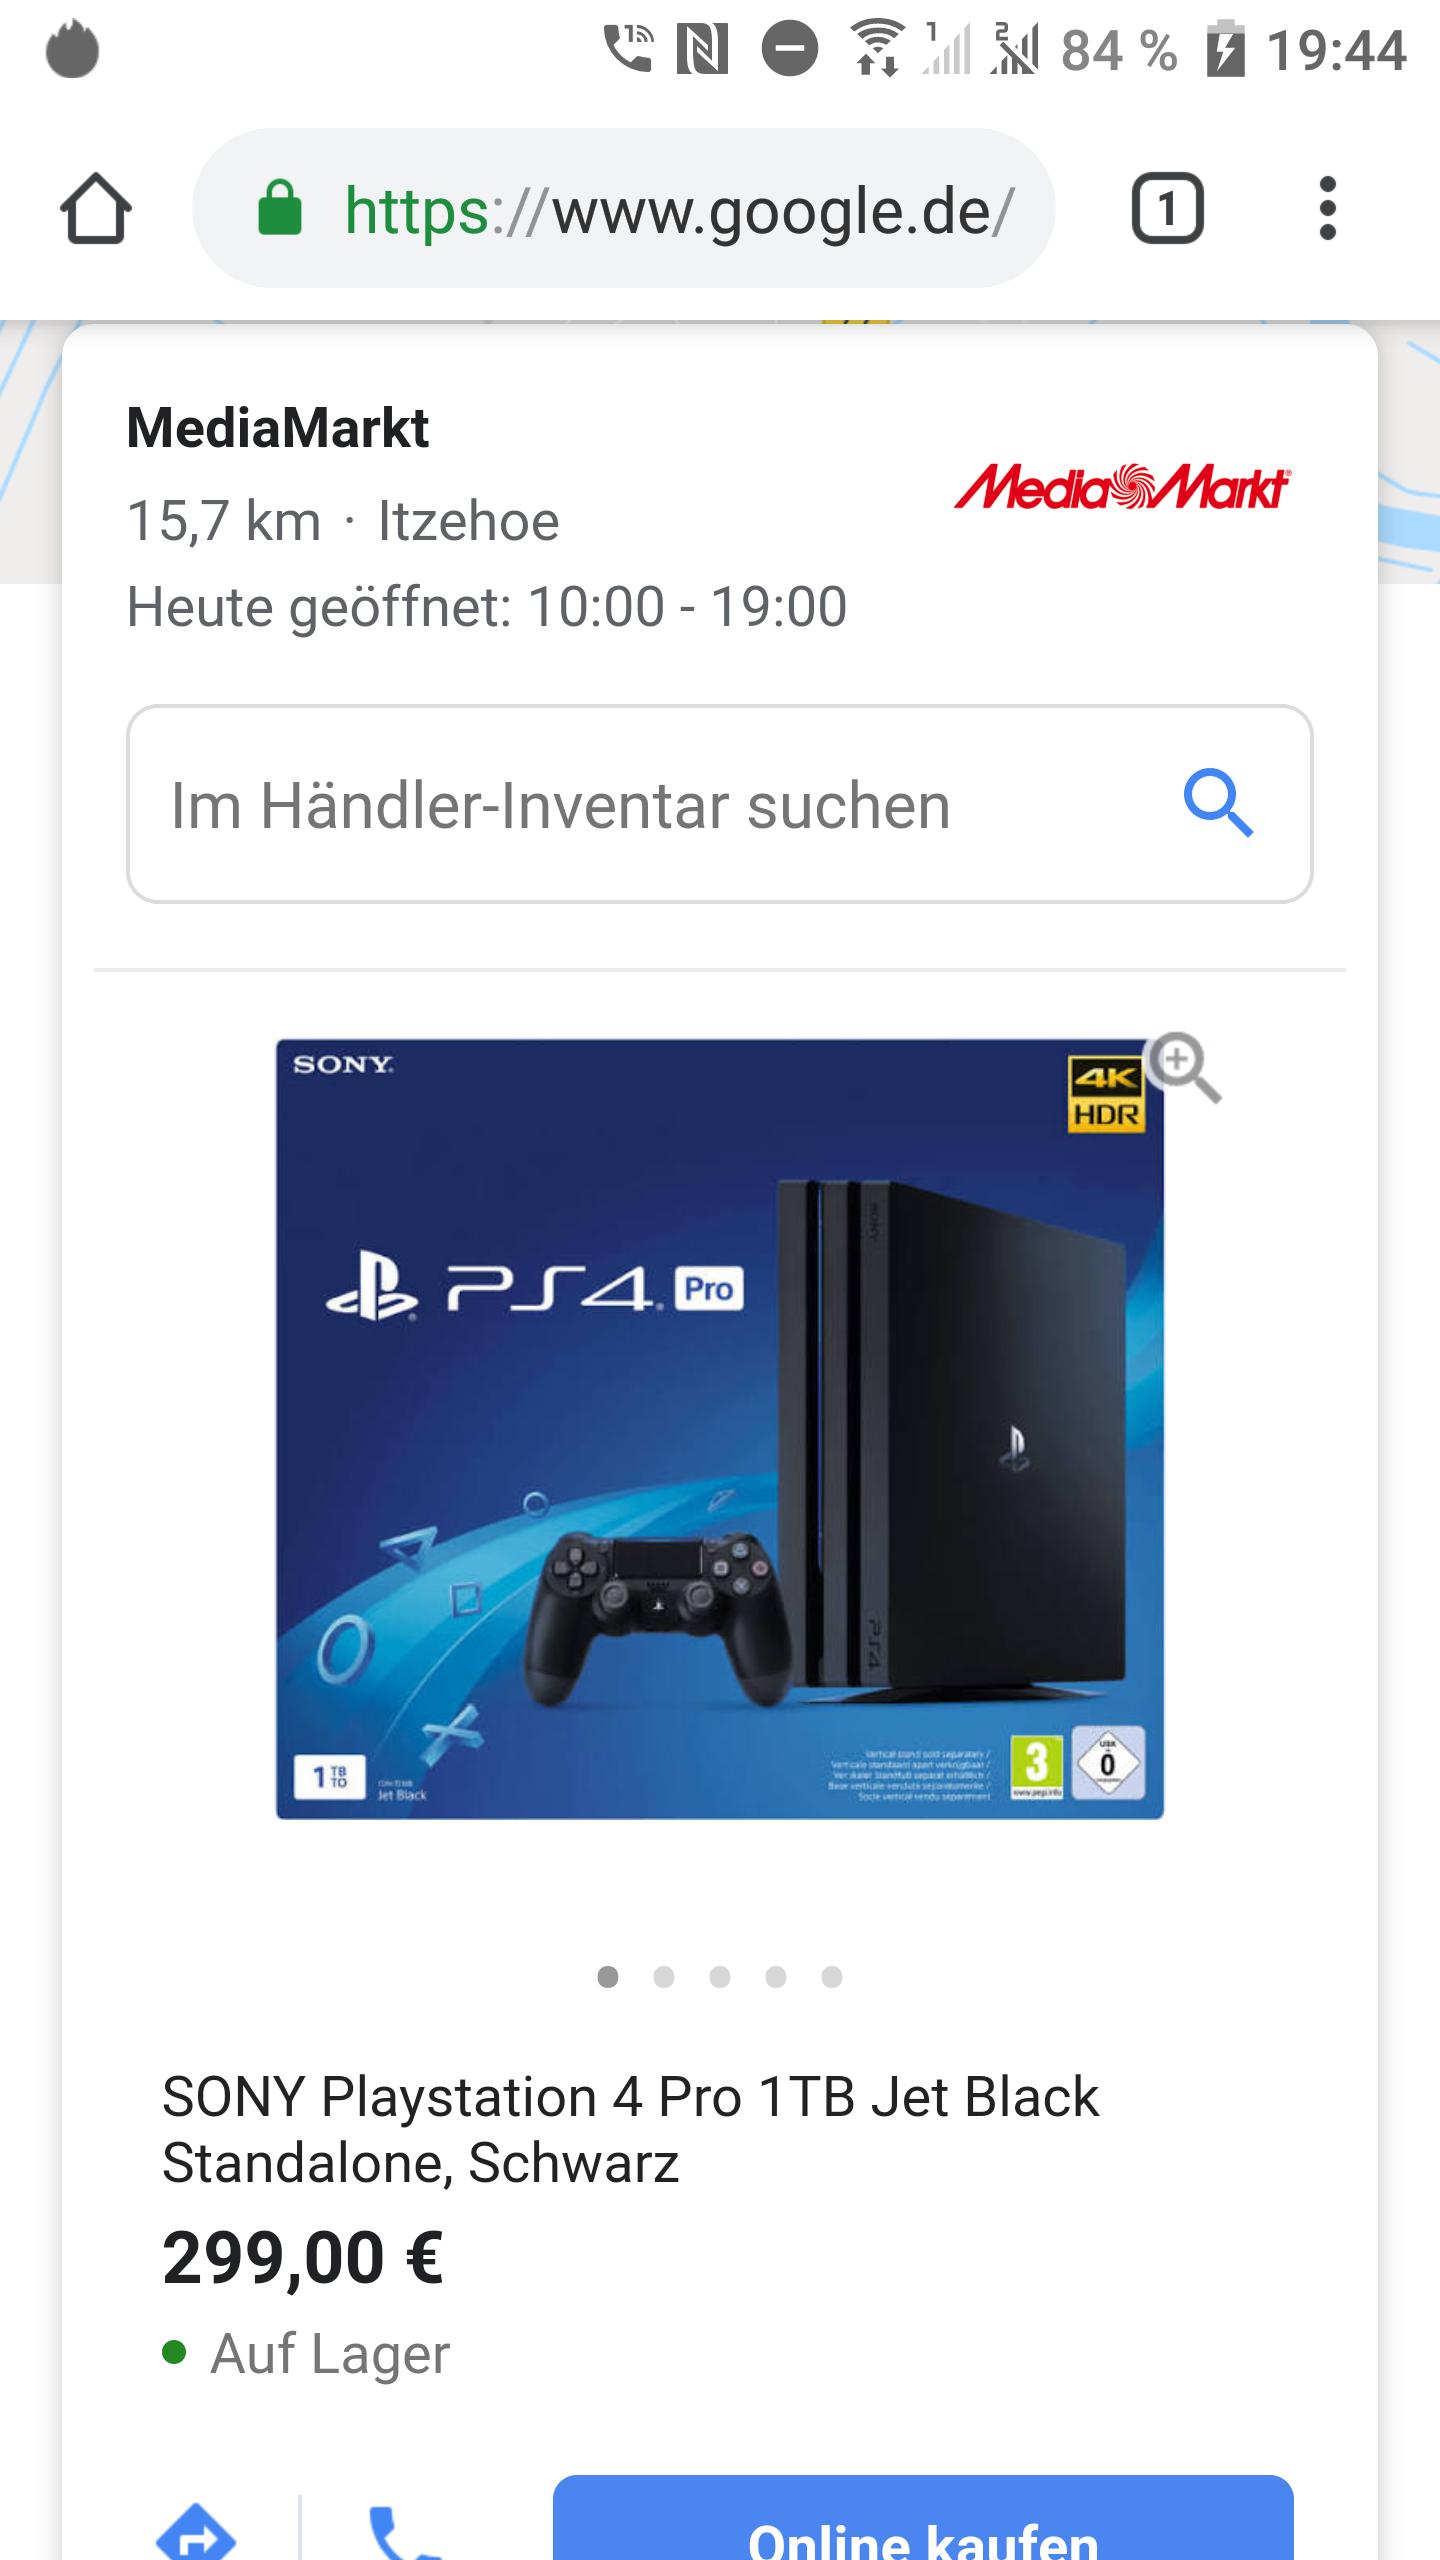 [Lokal] Media Markt Itzehoe - PS4 Pro 1TB Konsole